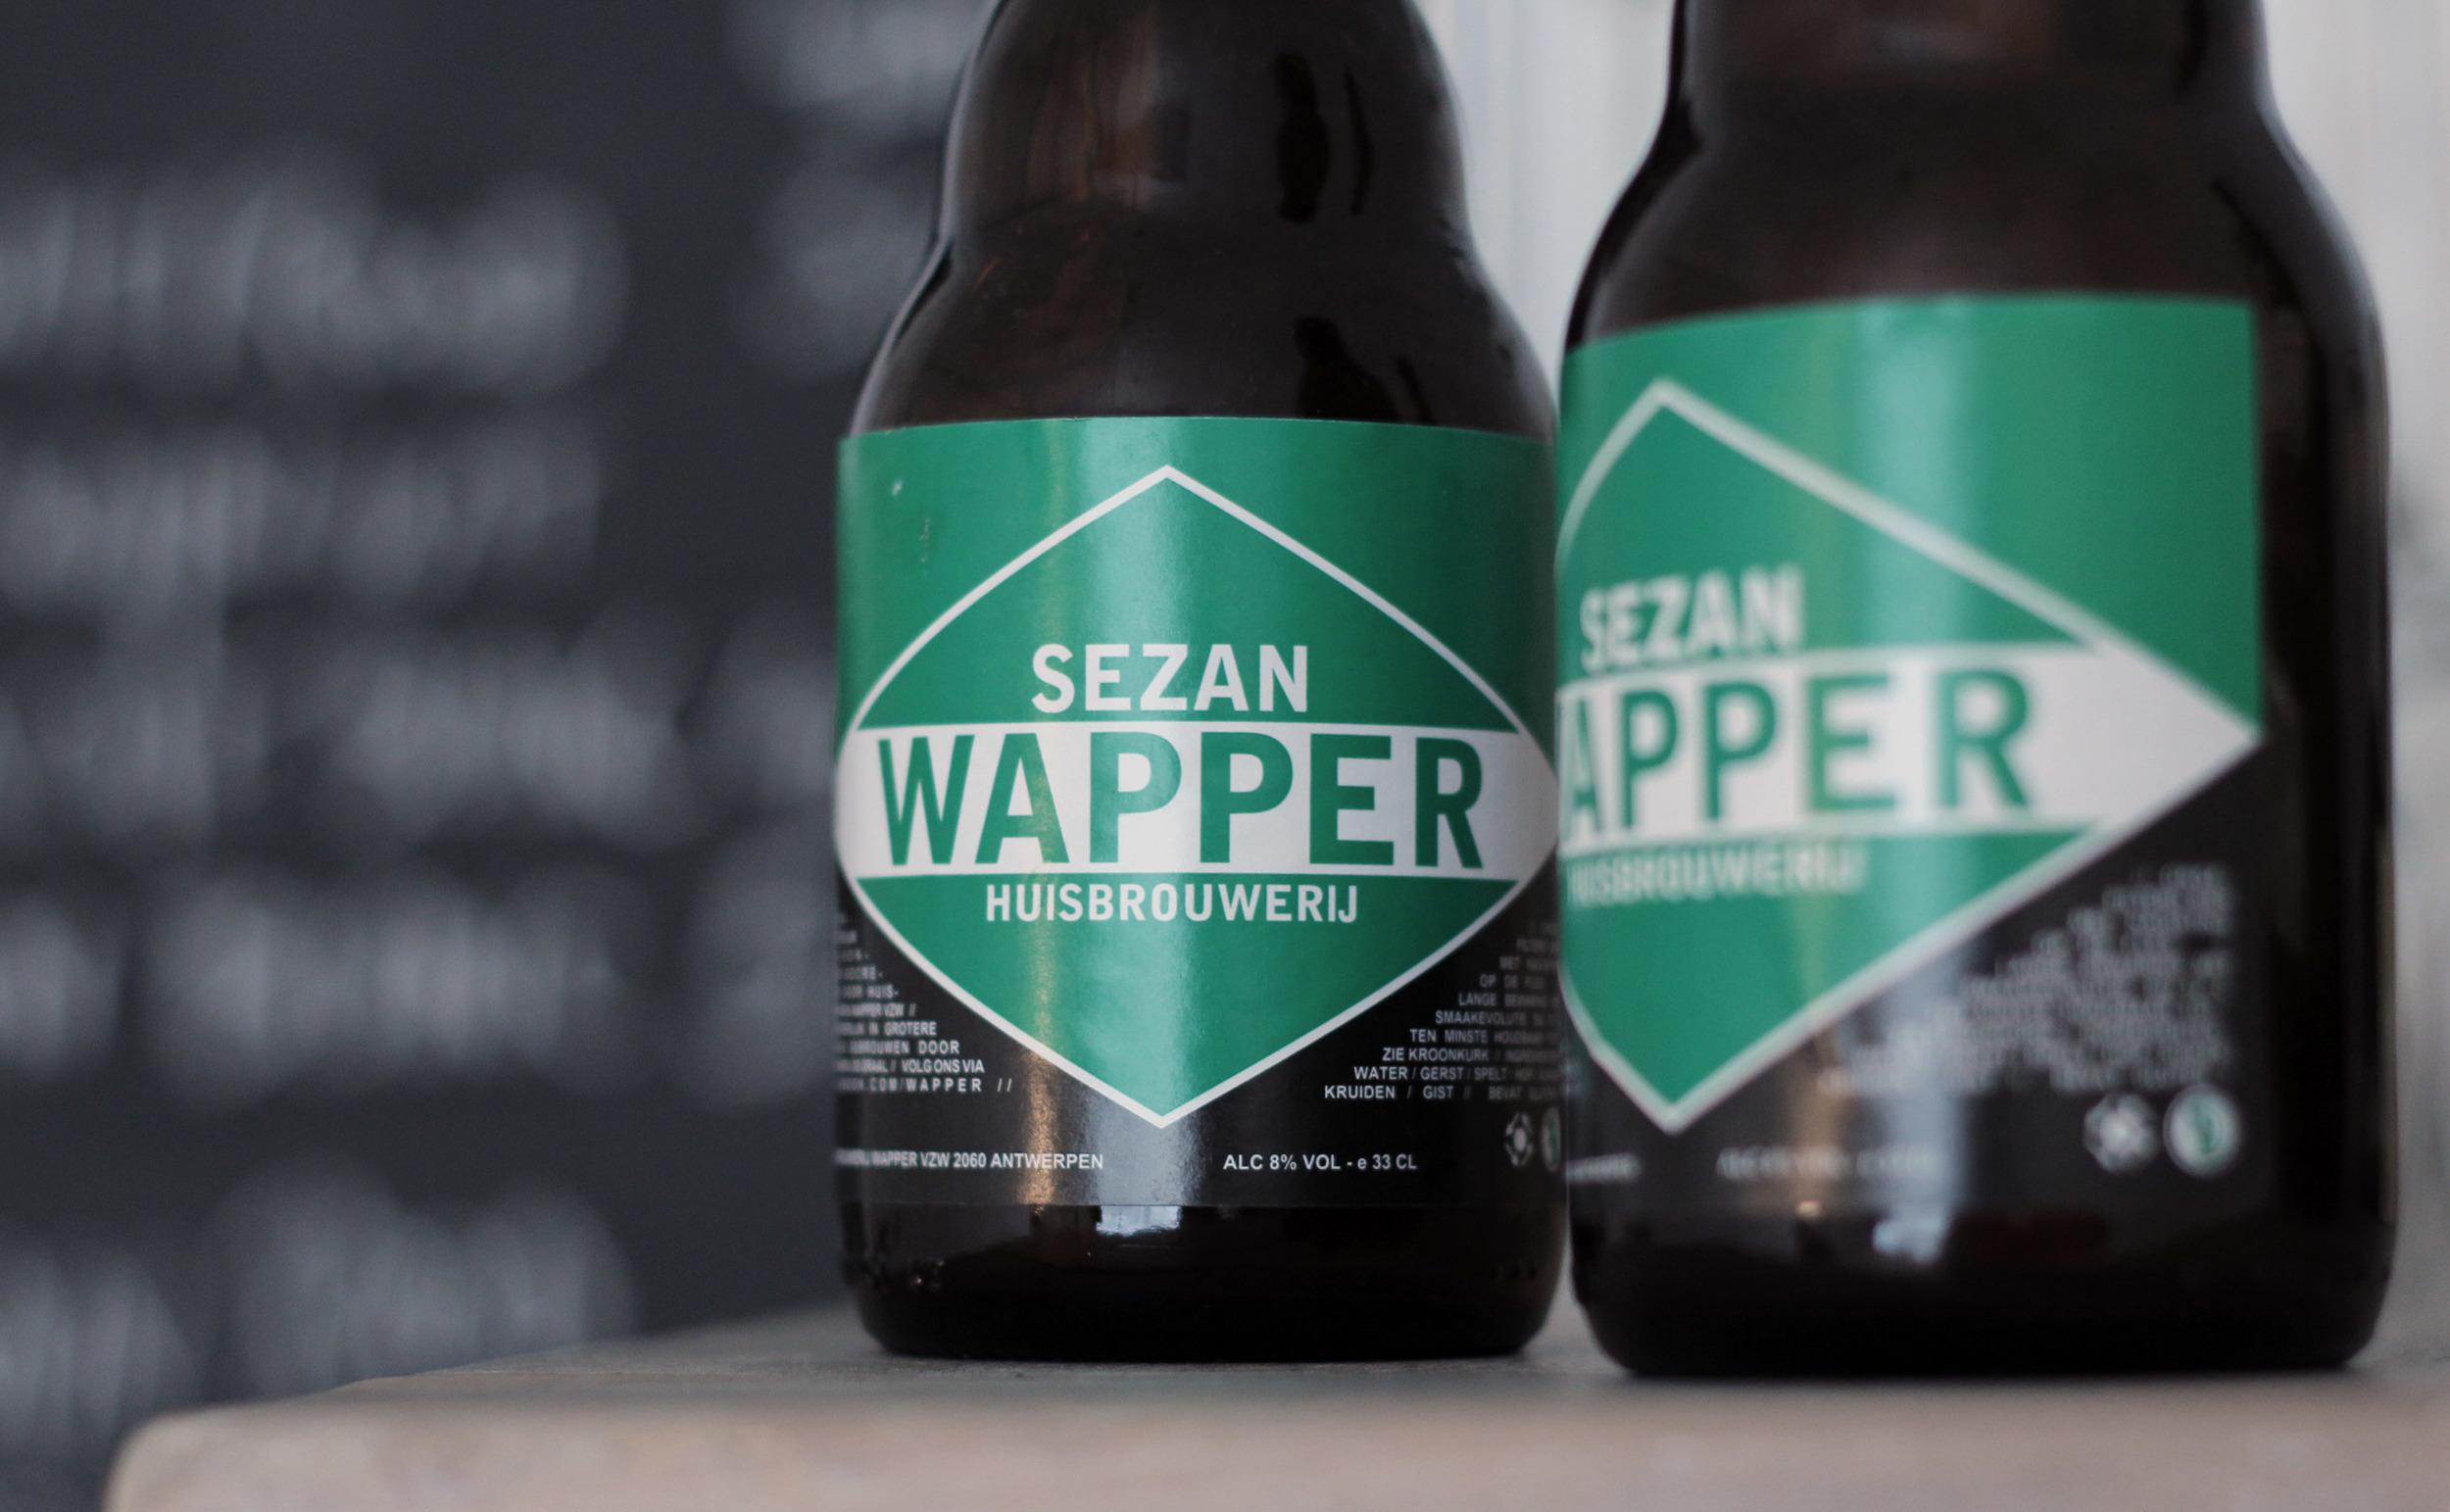 wapper sezan   eerlijk bier van hoge gisting